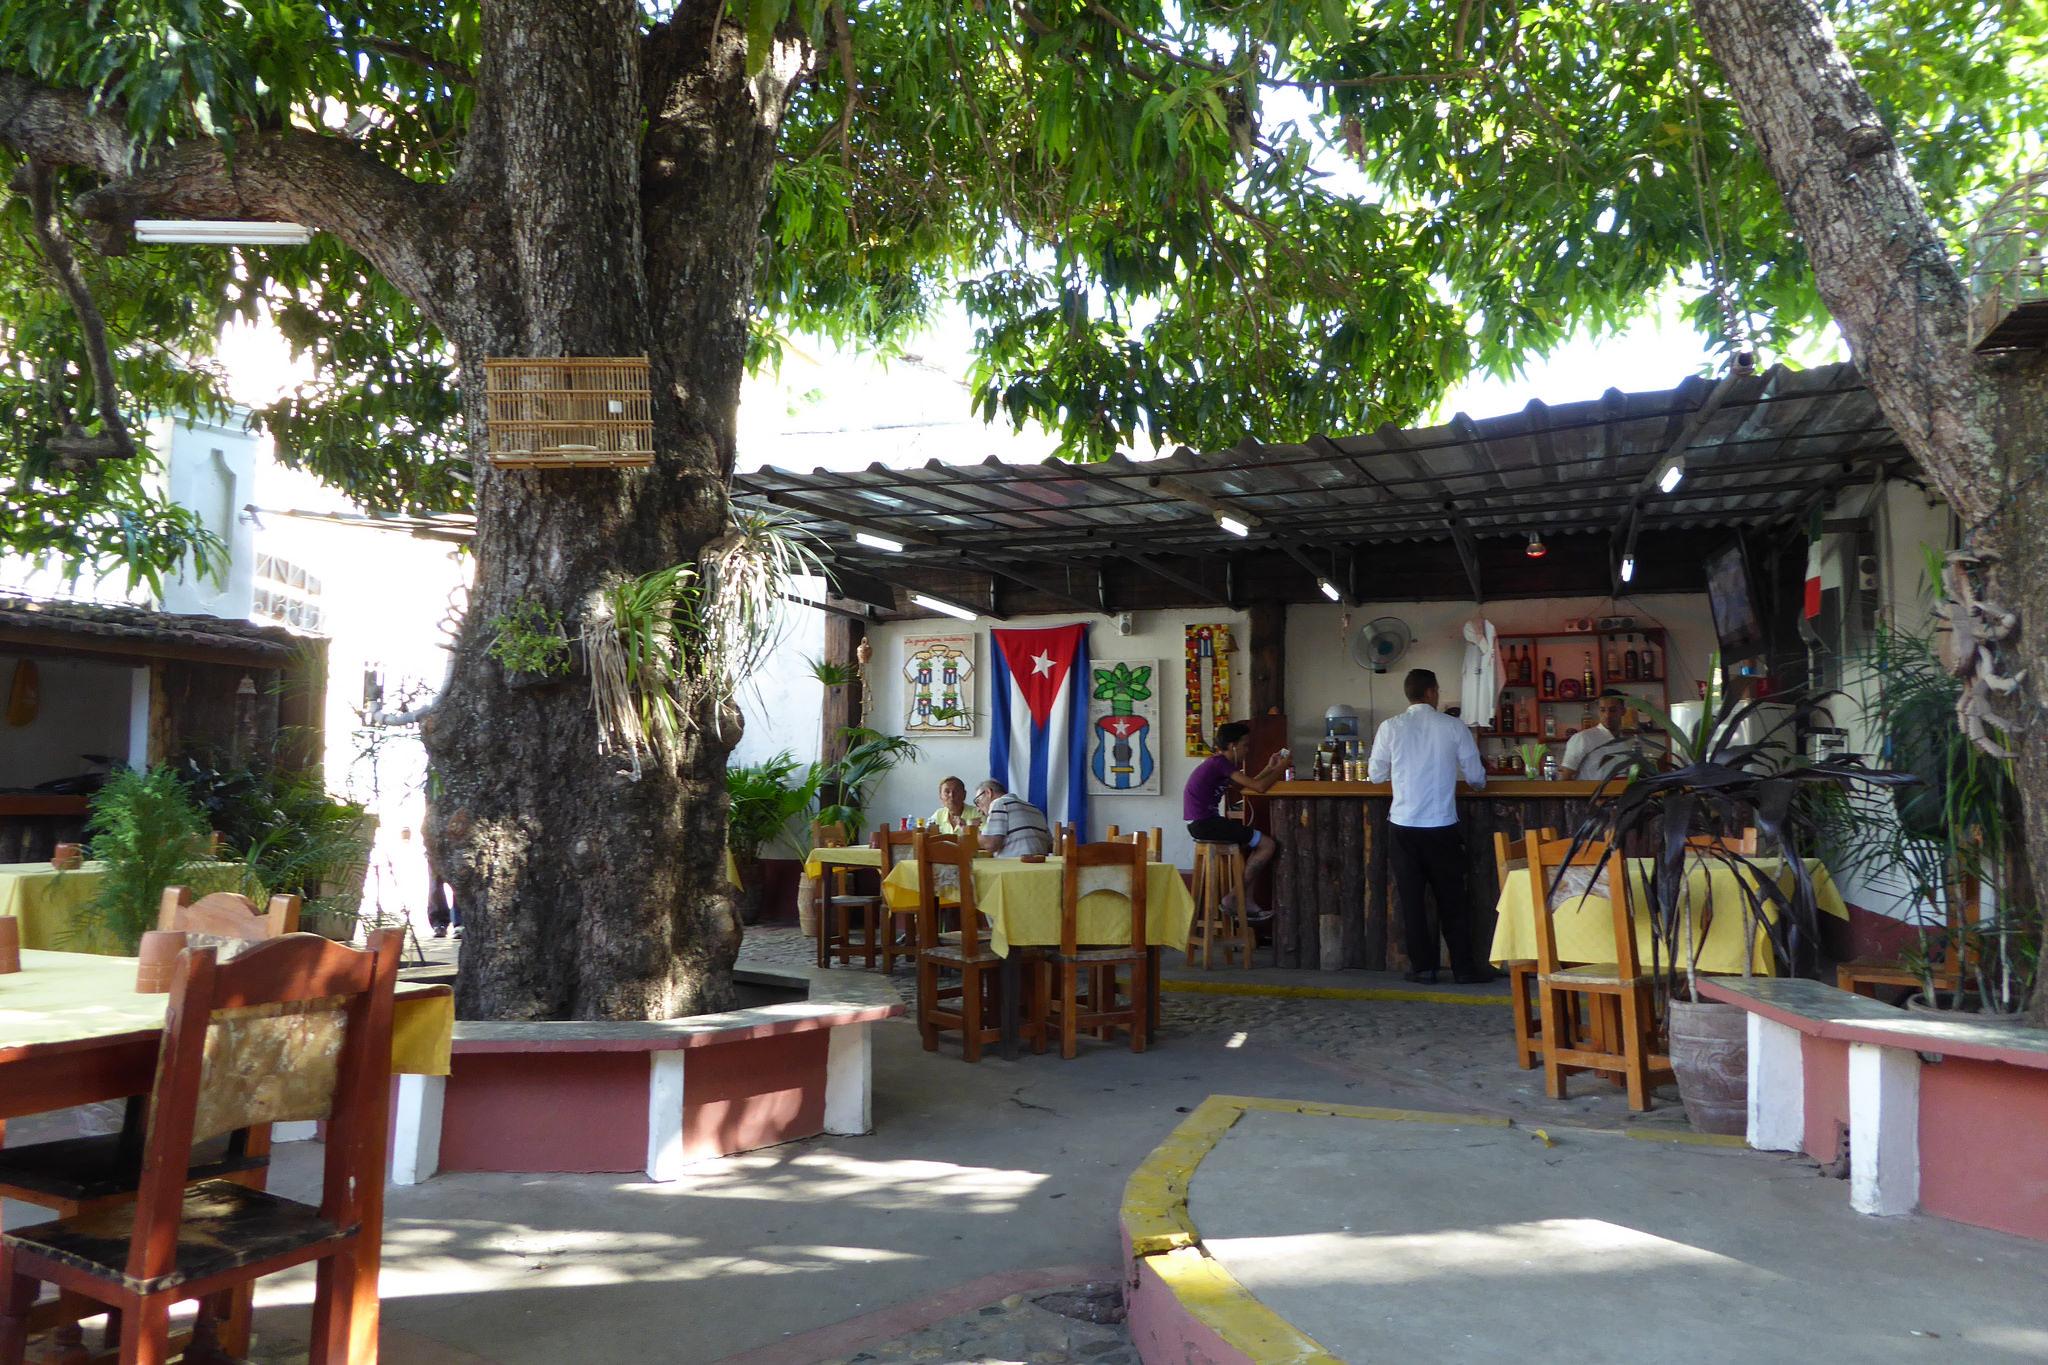 leil.de/di/pics/restaurant_kuba_trinidad.jpg